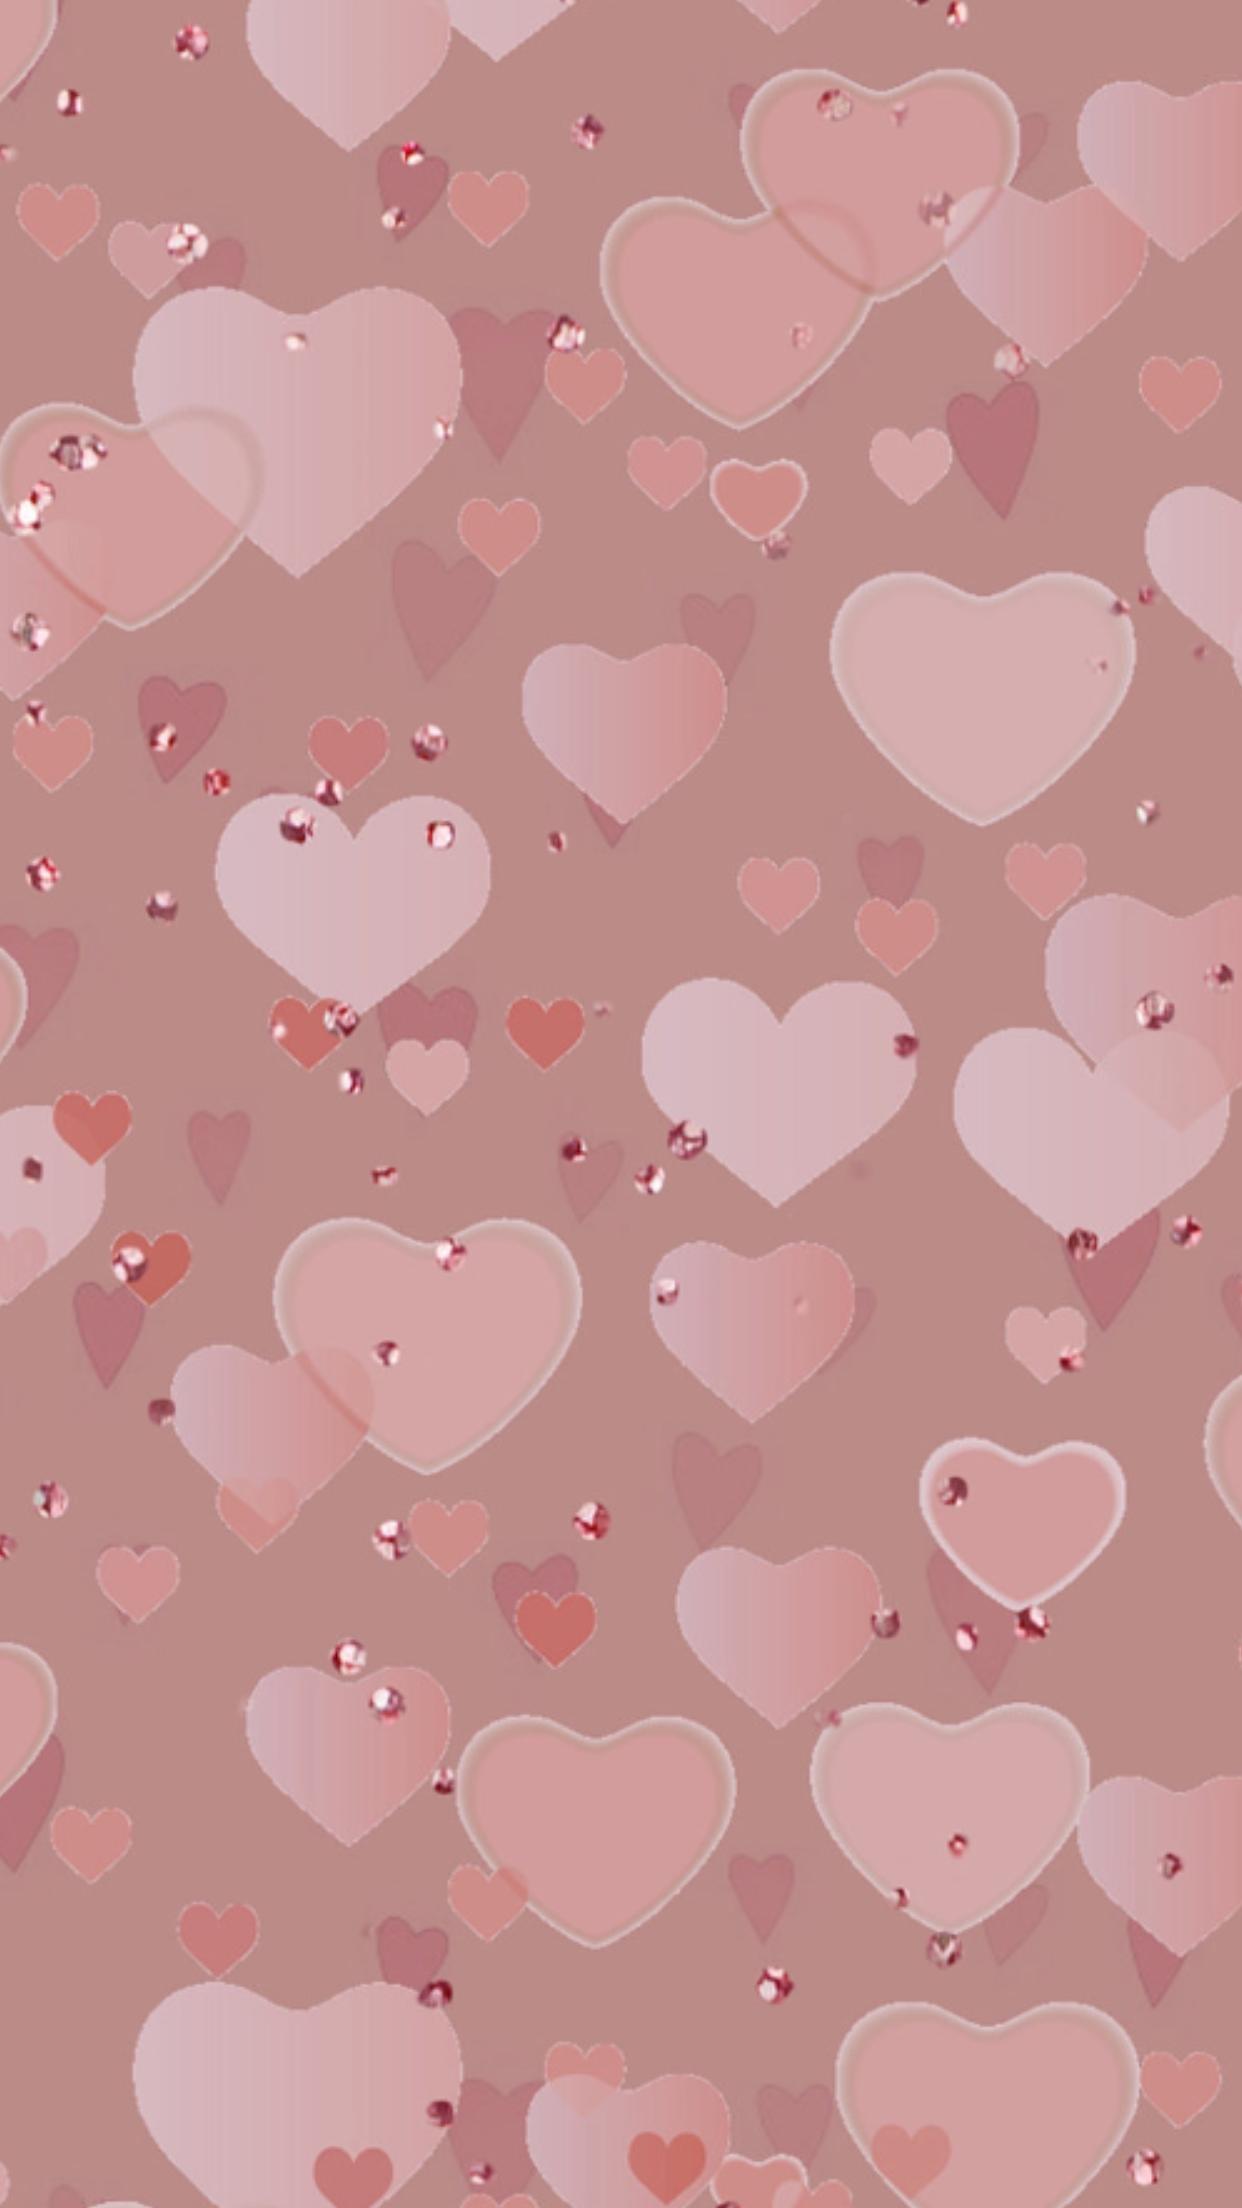 Pink heart wallpaper #GlitterFondos